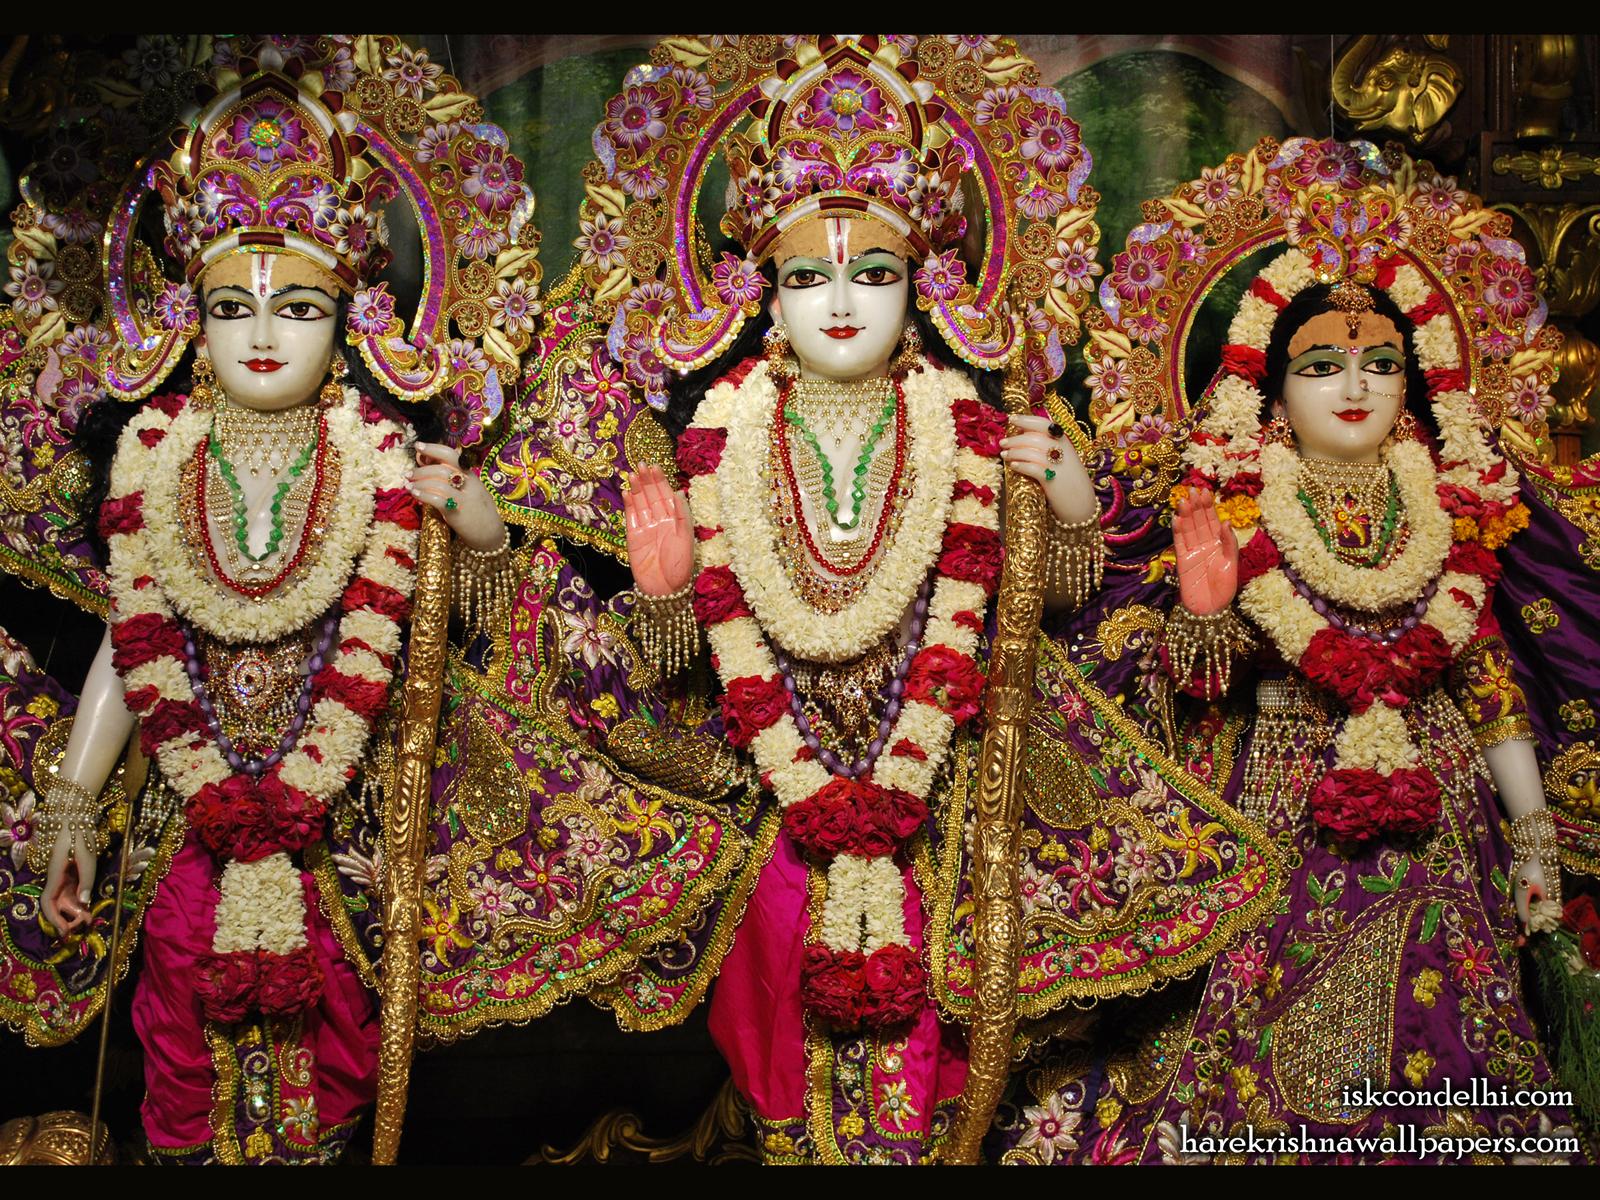 Sri Sri Sita Rama Laxman Wallpaper (007) Size1600x1200 Download